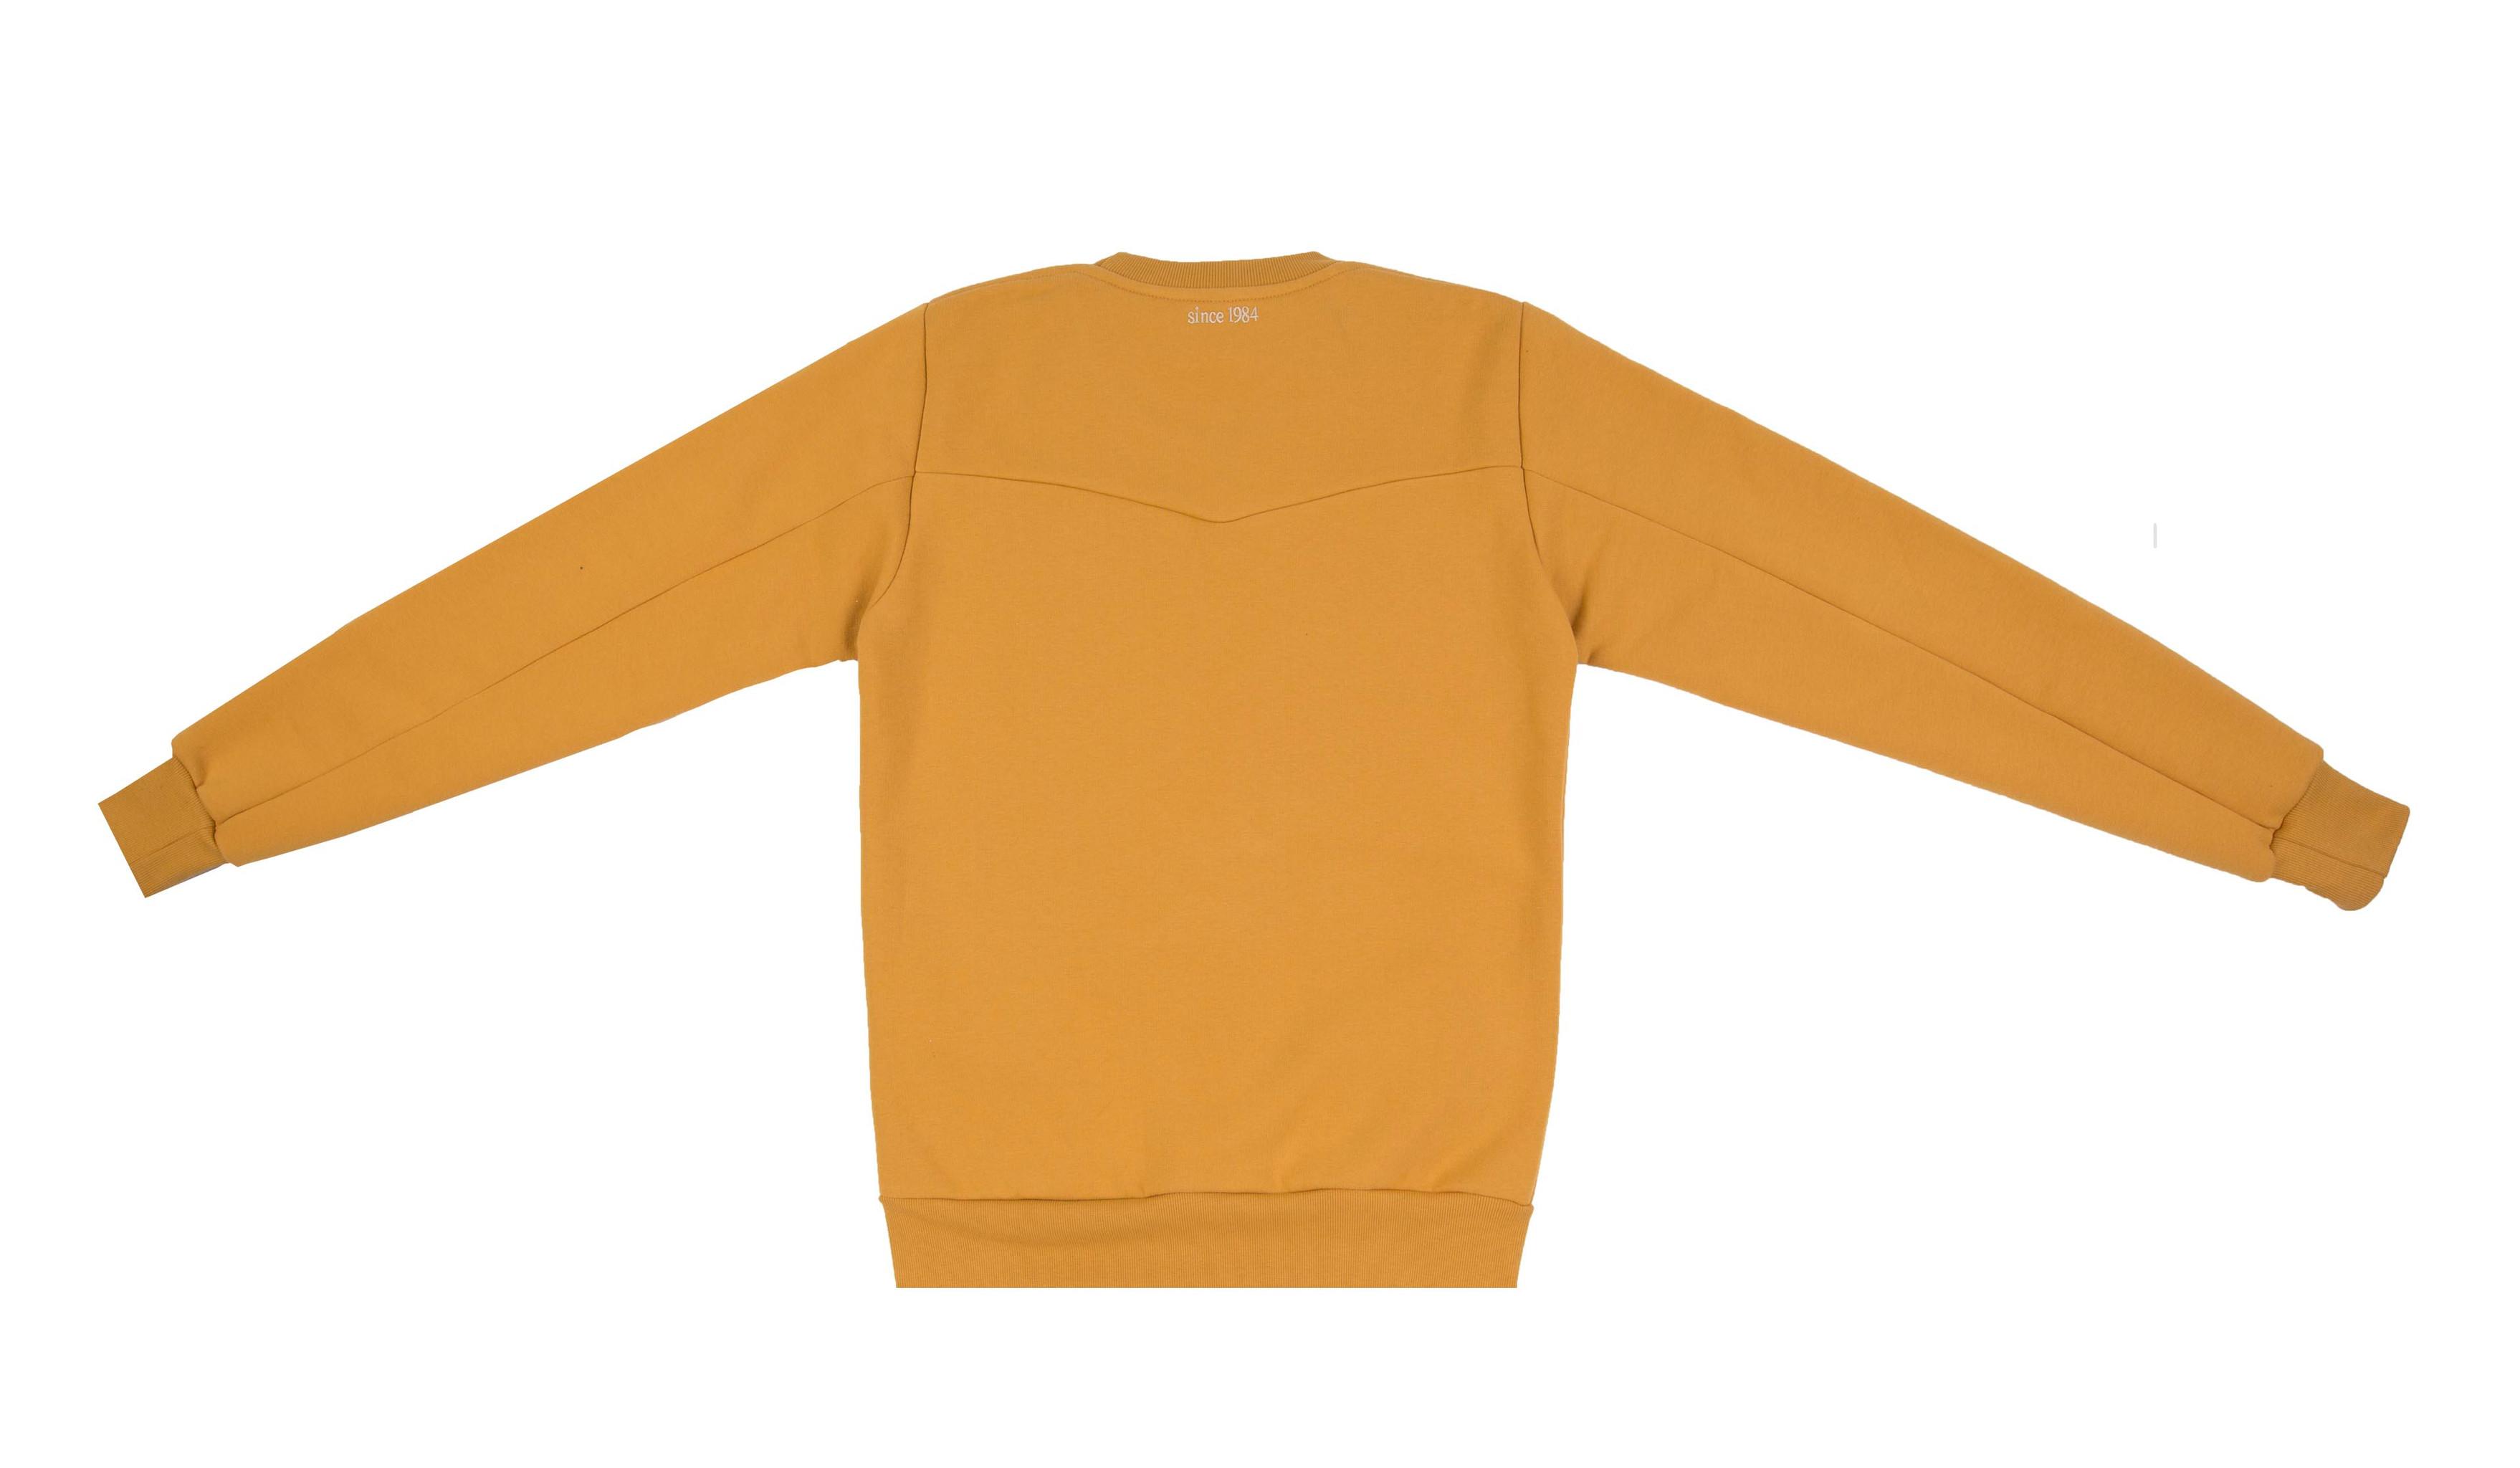 Bluza unisex brązowa ruda złota miodowa CREWNECK LOGO HONEY - Jimmy Jinx